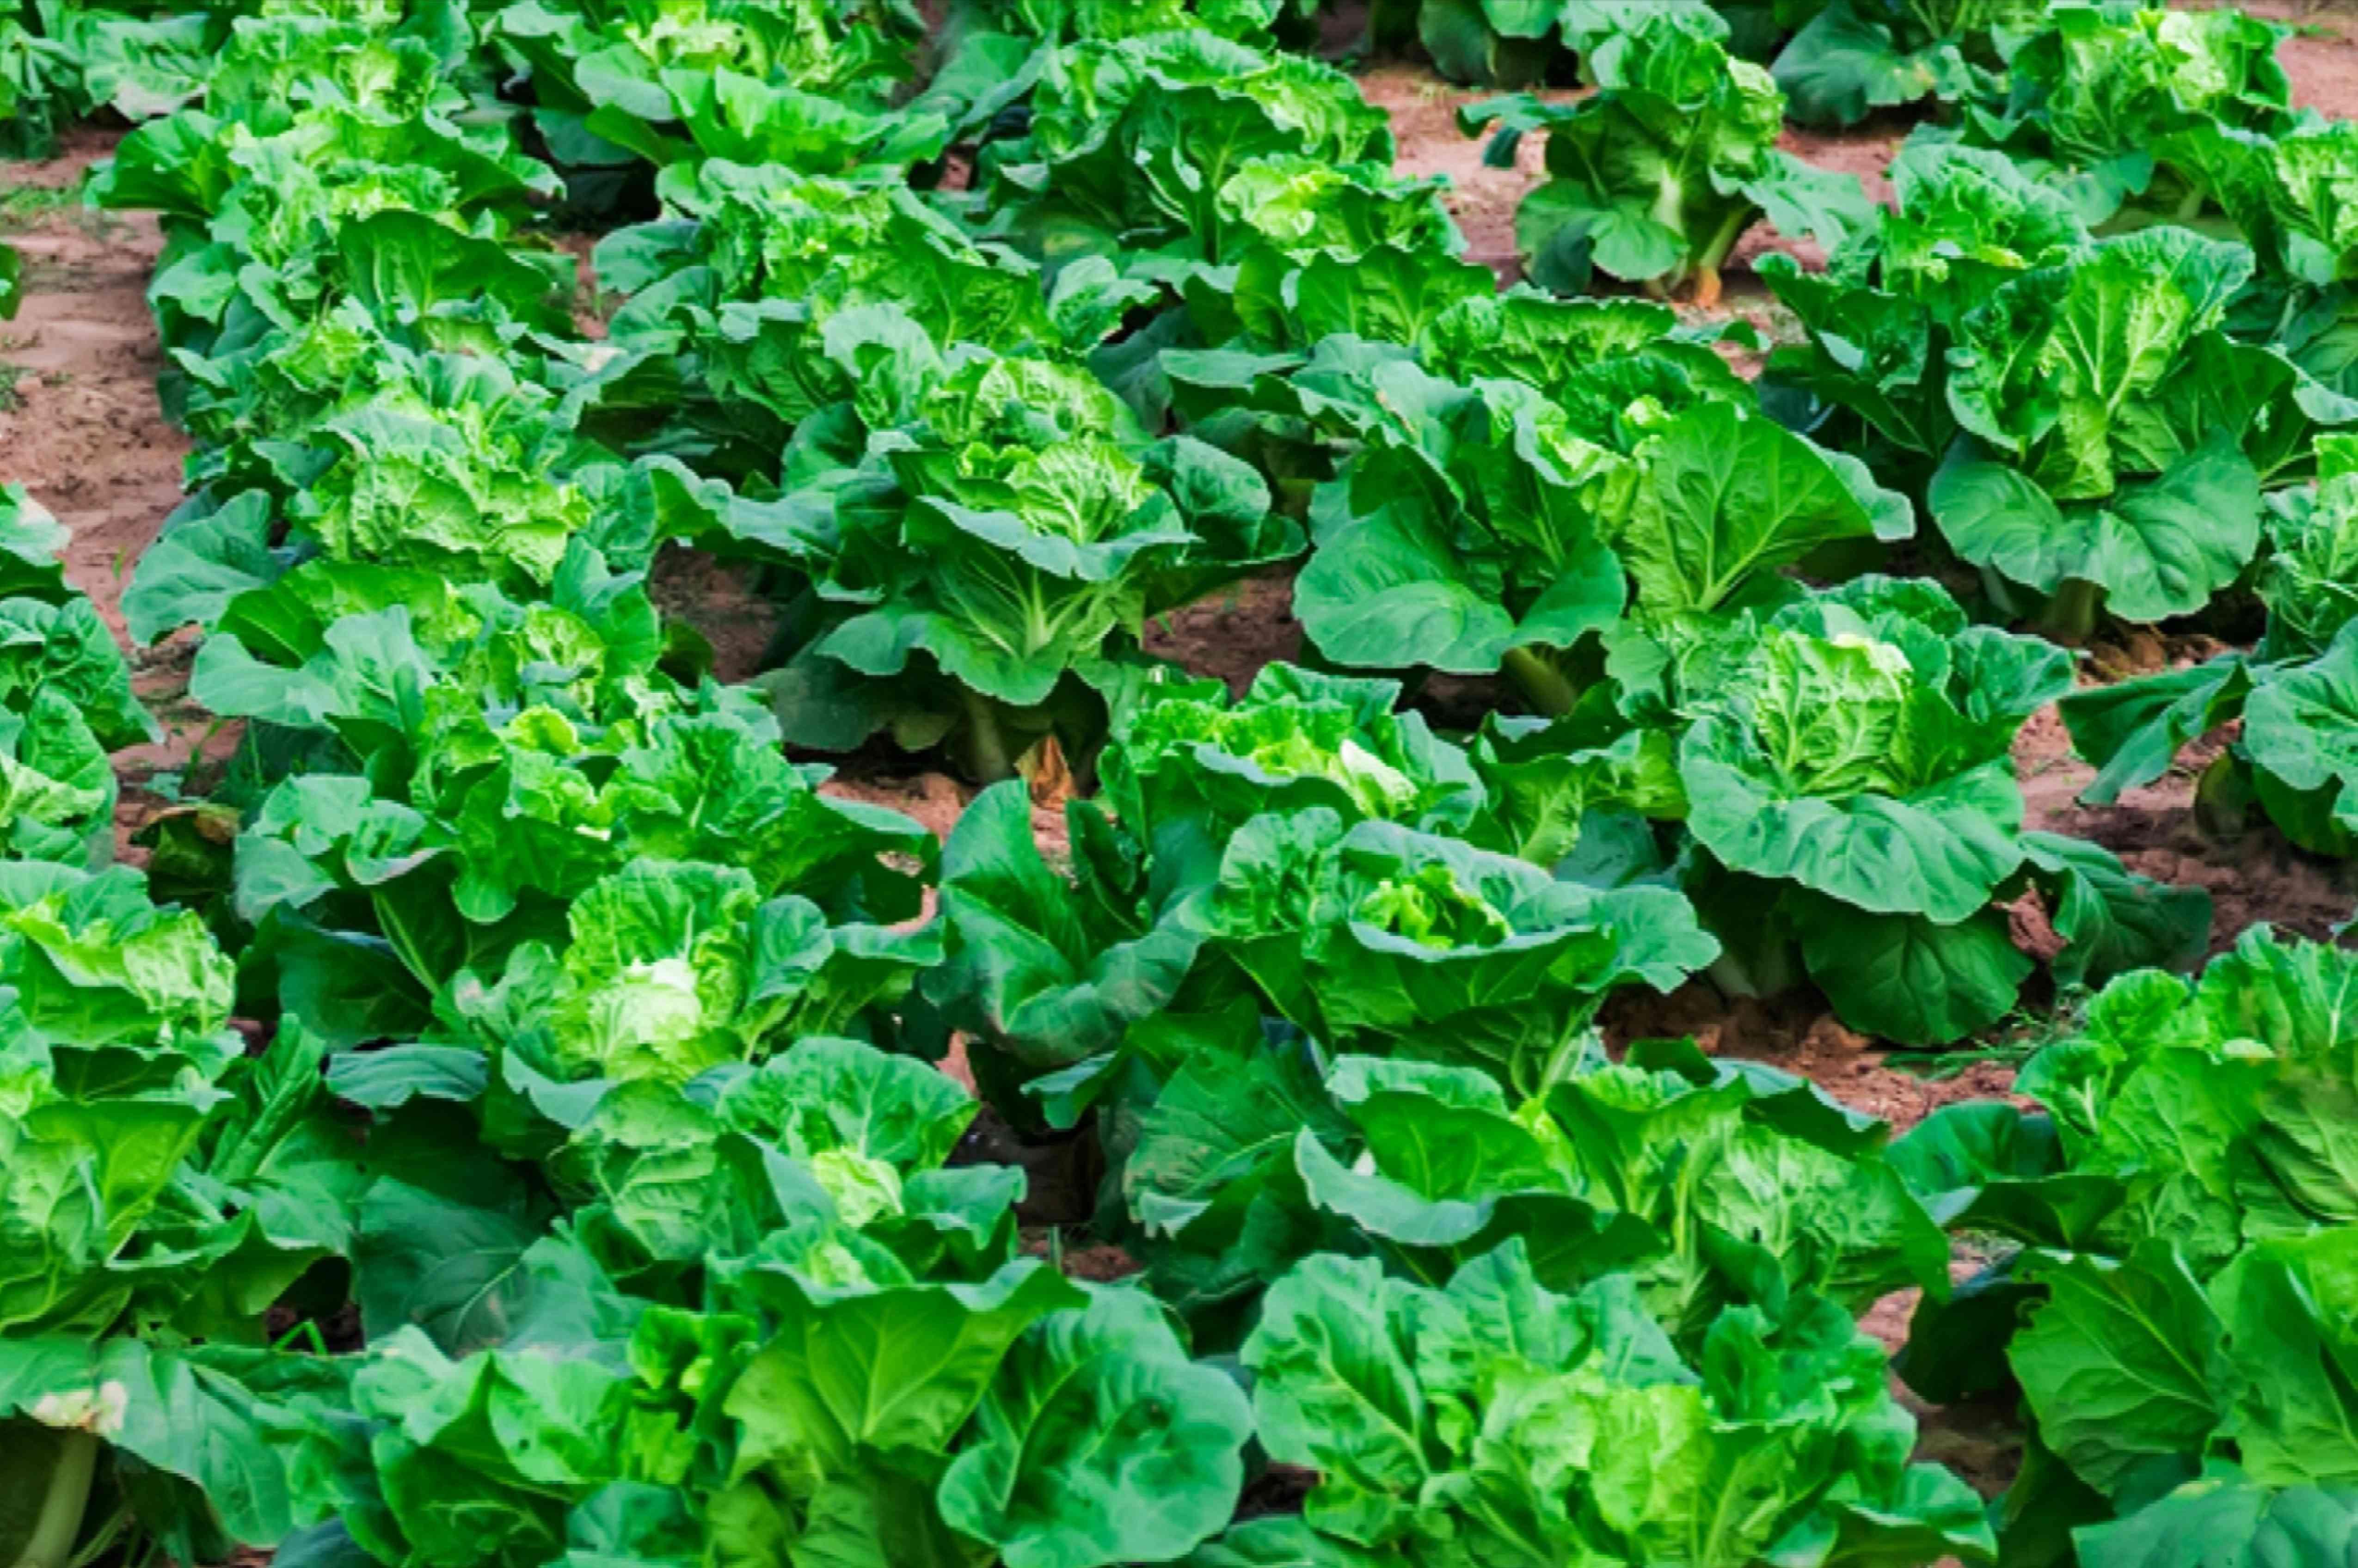 choosing an already vegetative spot